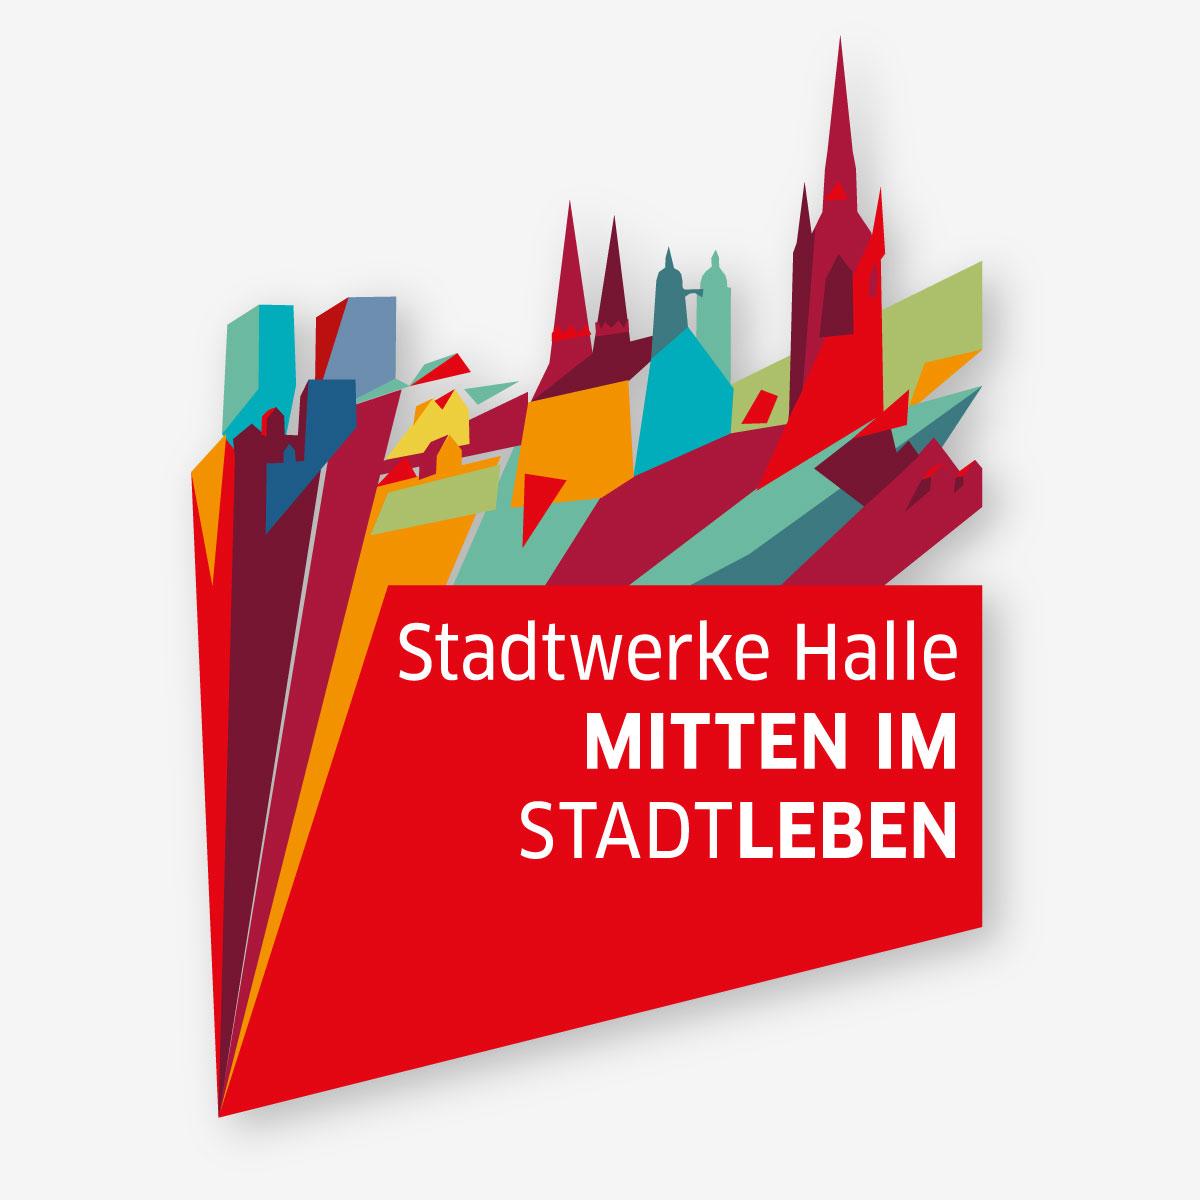 Corporate Design Relaunch der Stadtwerke Halle. Imagemotiv